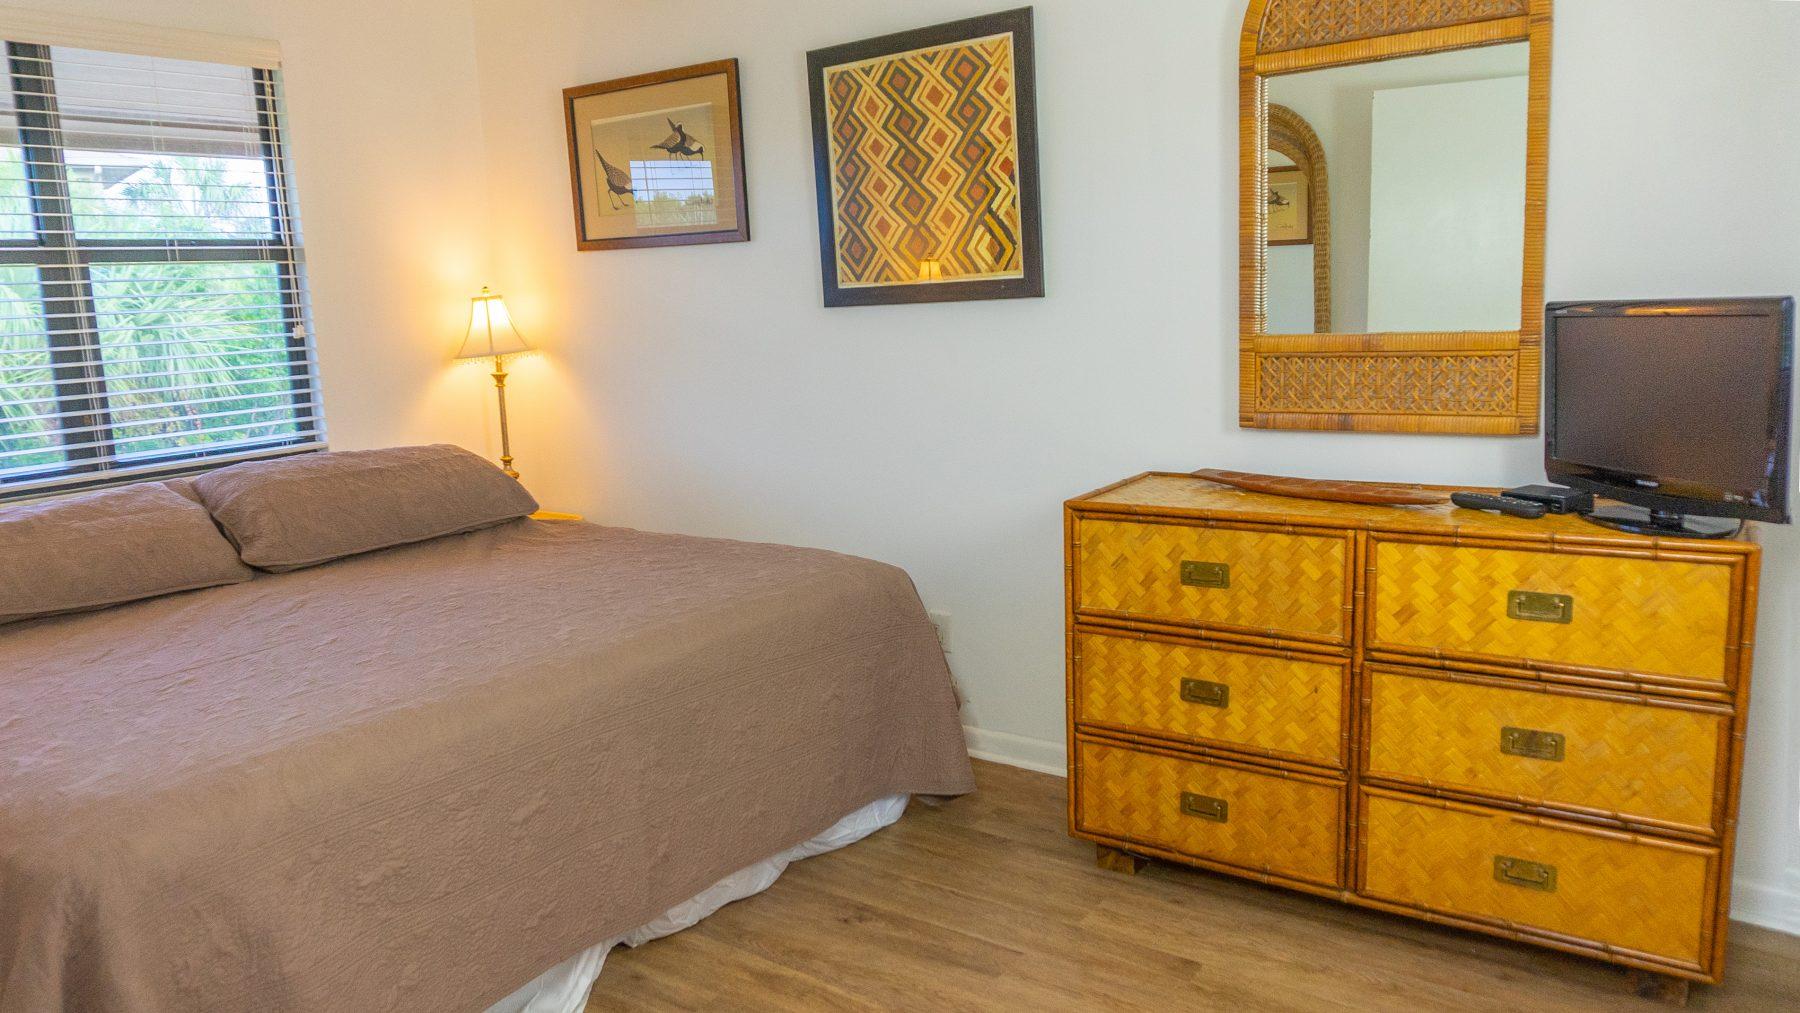 8 - 09 Bedroom